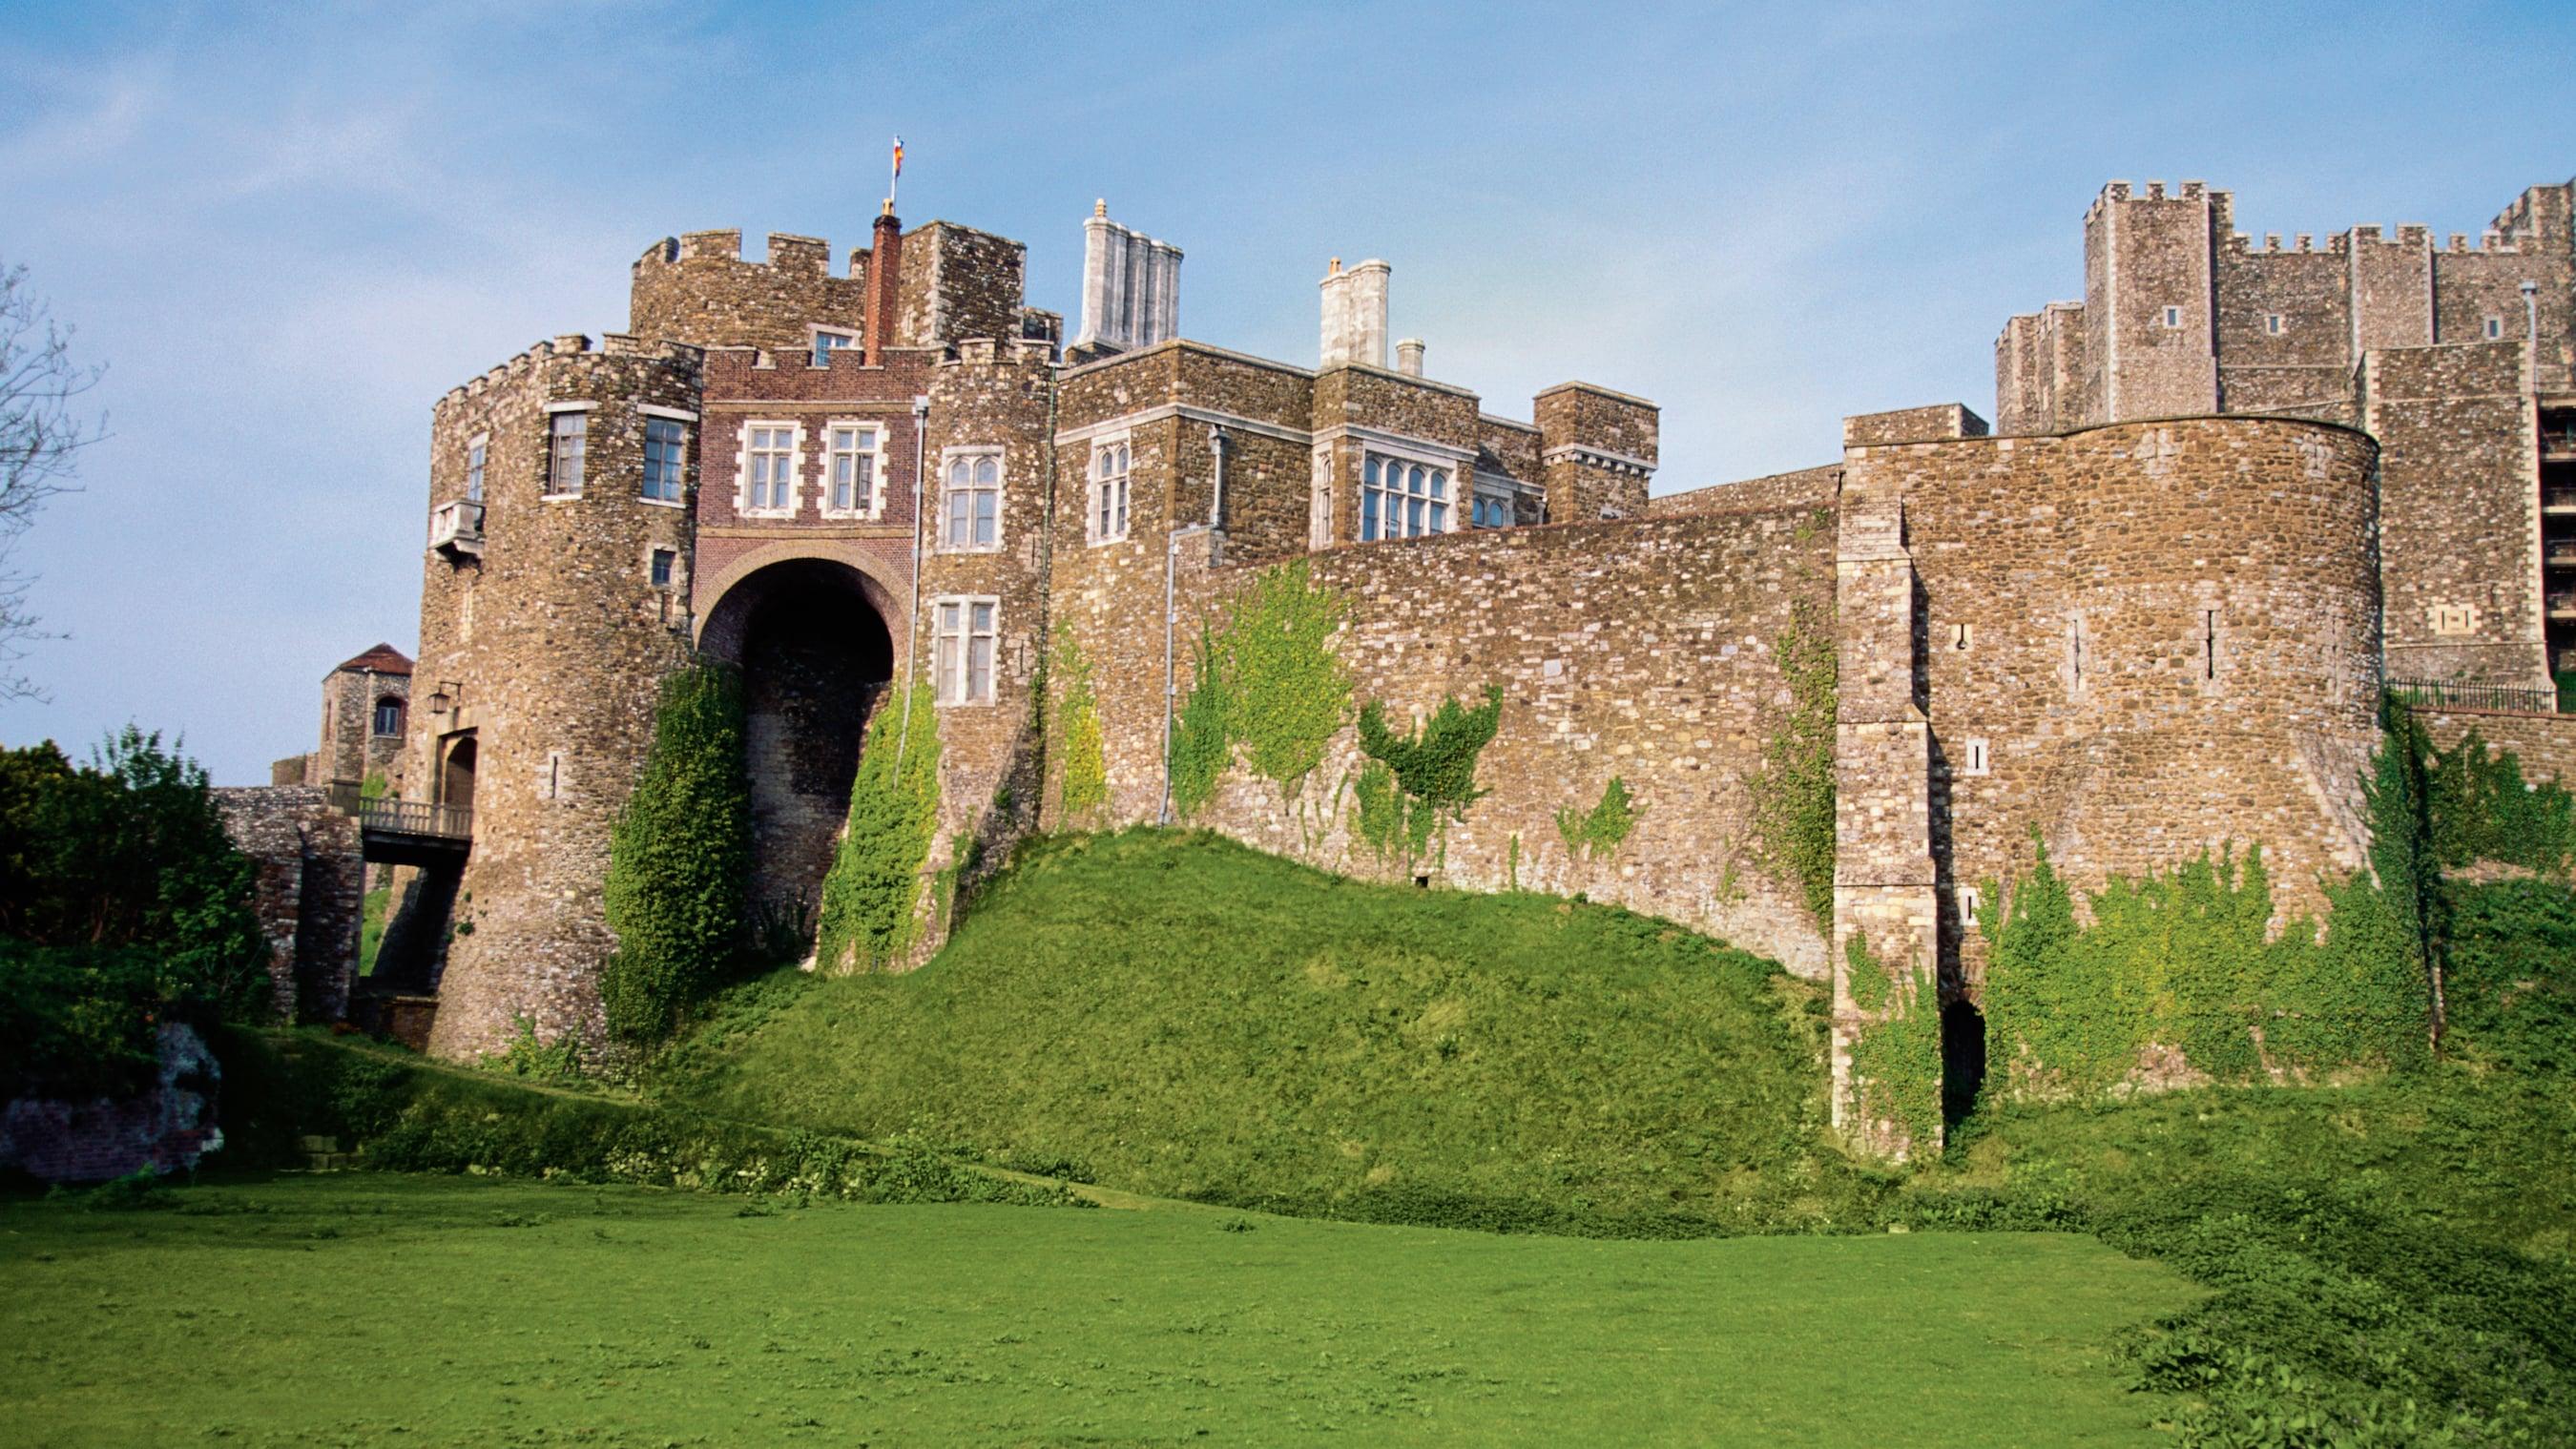 Un viejo castillo con parches de pasto y musgo creciendo sobre sus paredes en Dover, Inglaterra